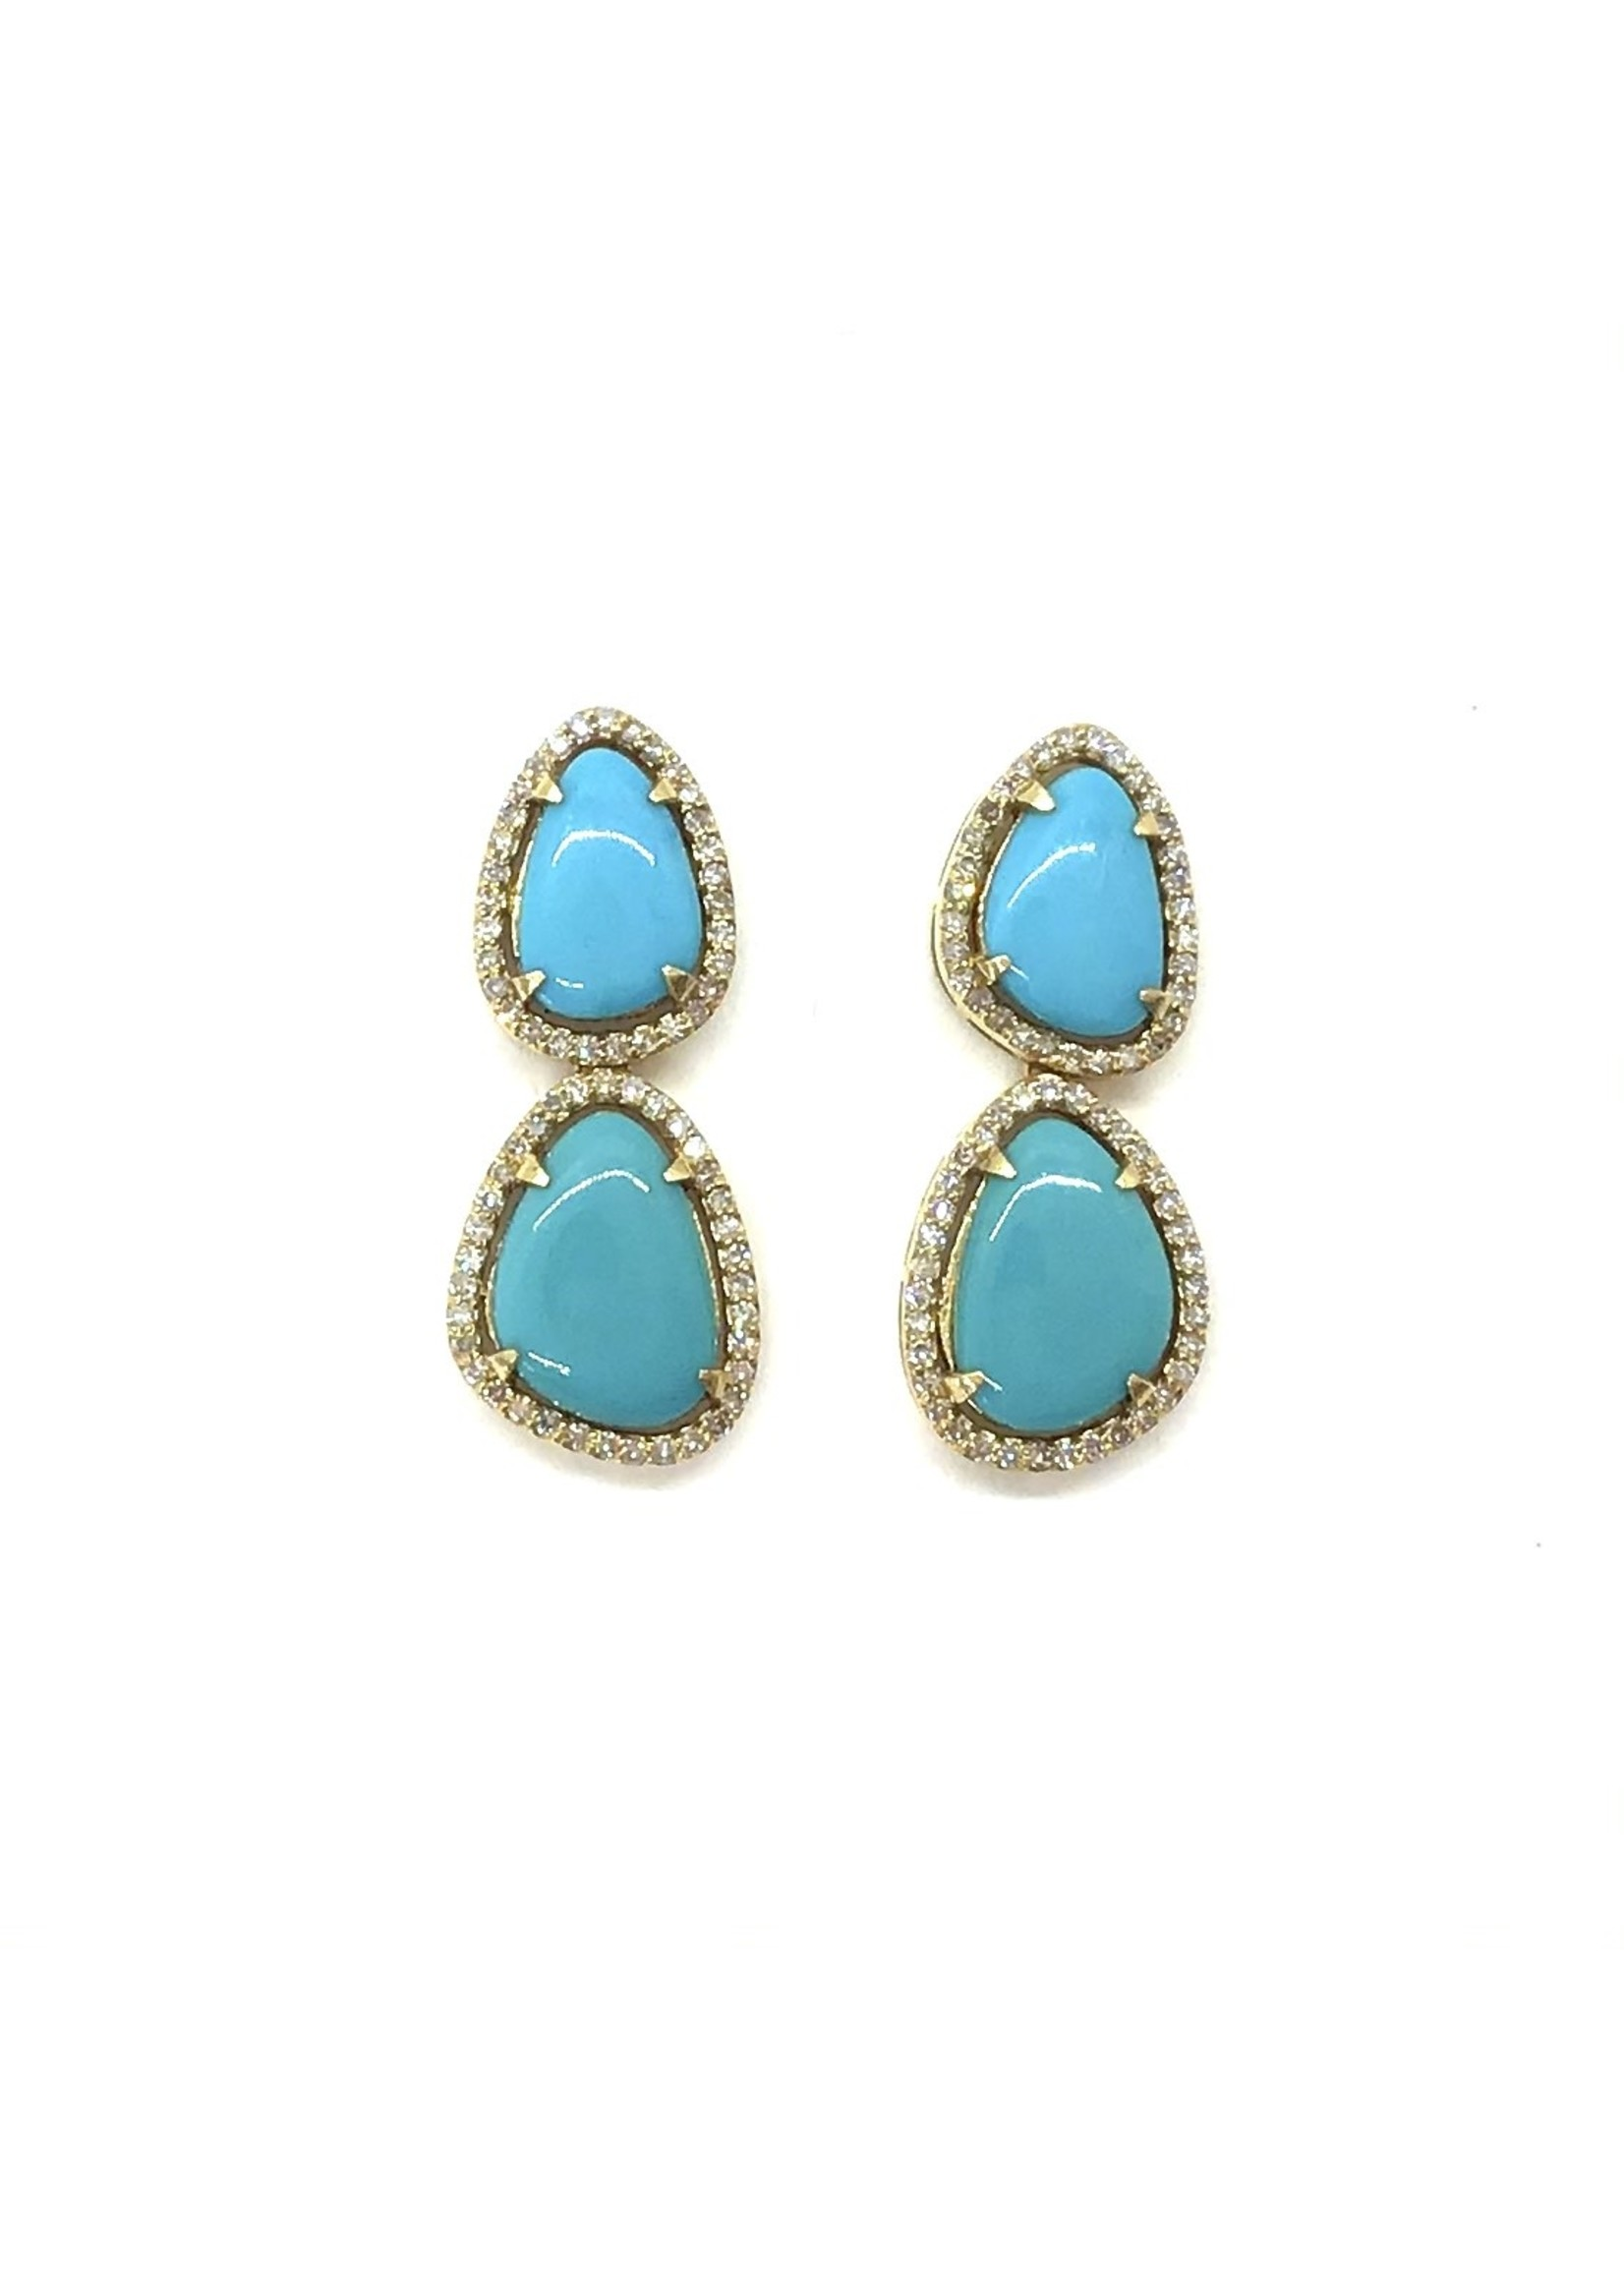 Jill Alberts Double Turquoise Earrings